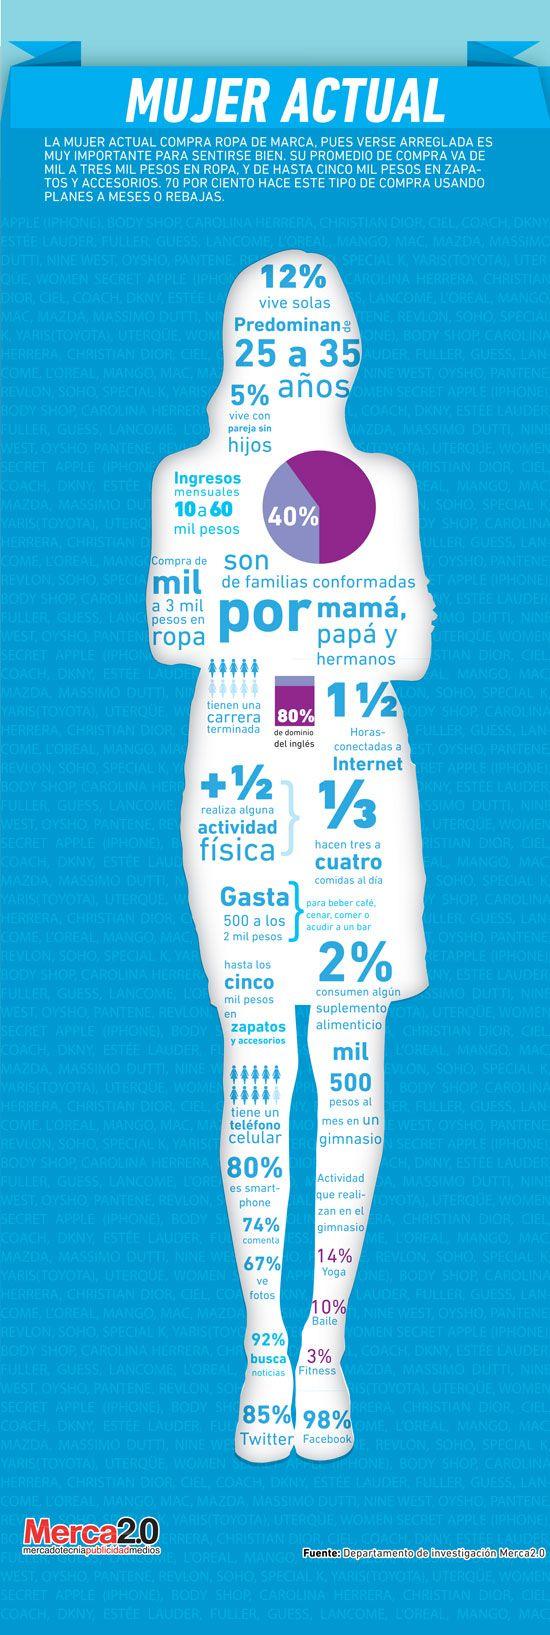 Mujer actual en México #infografia